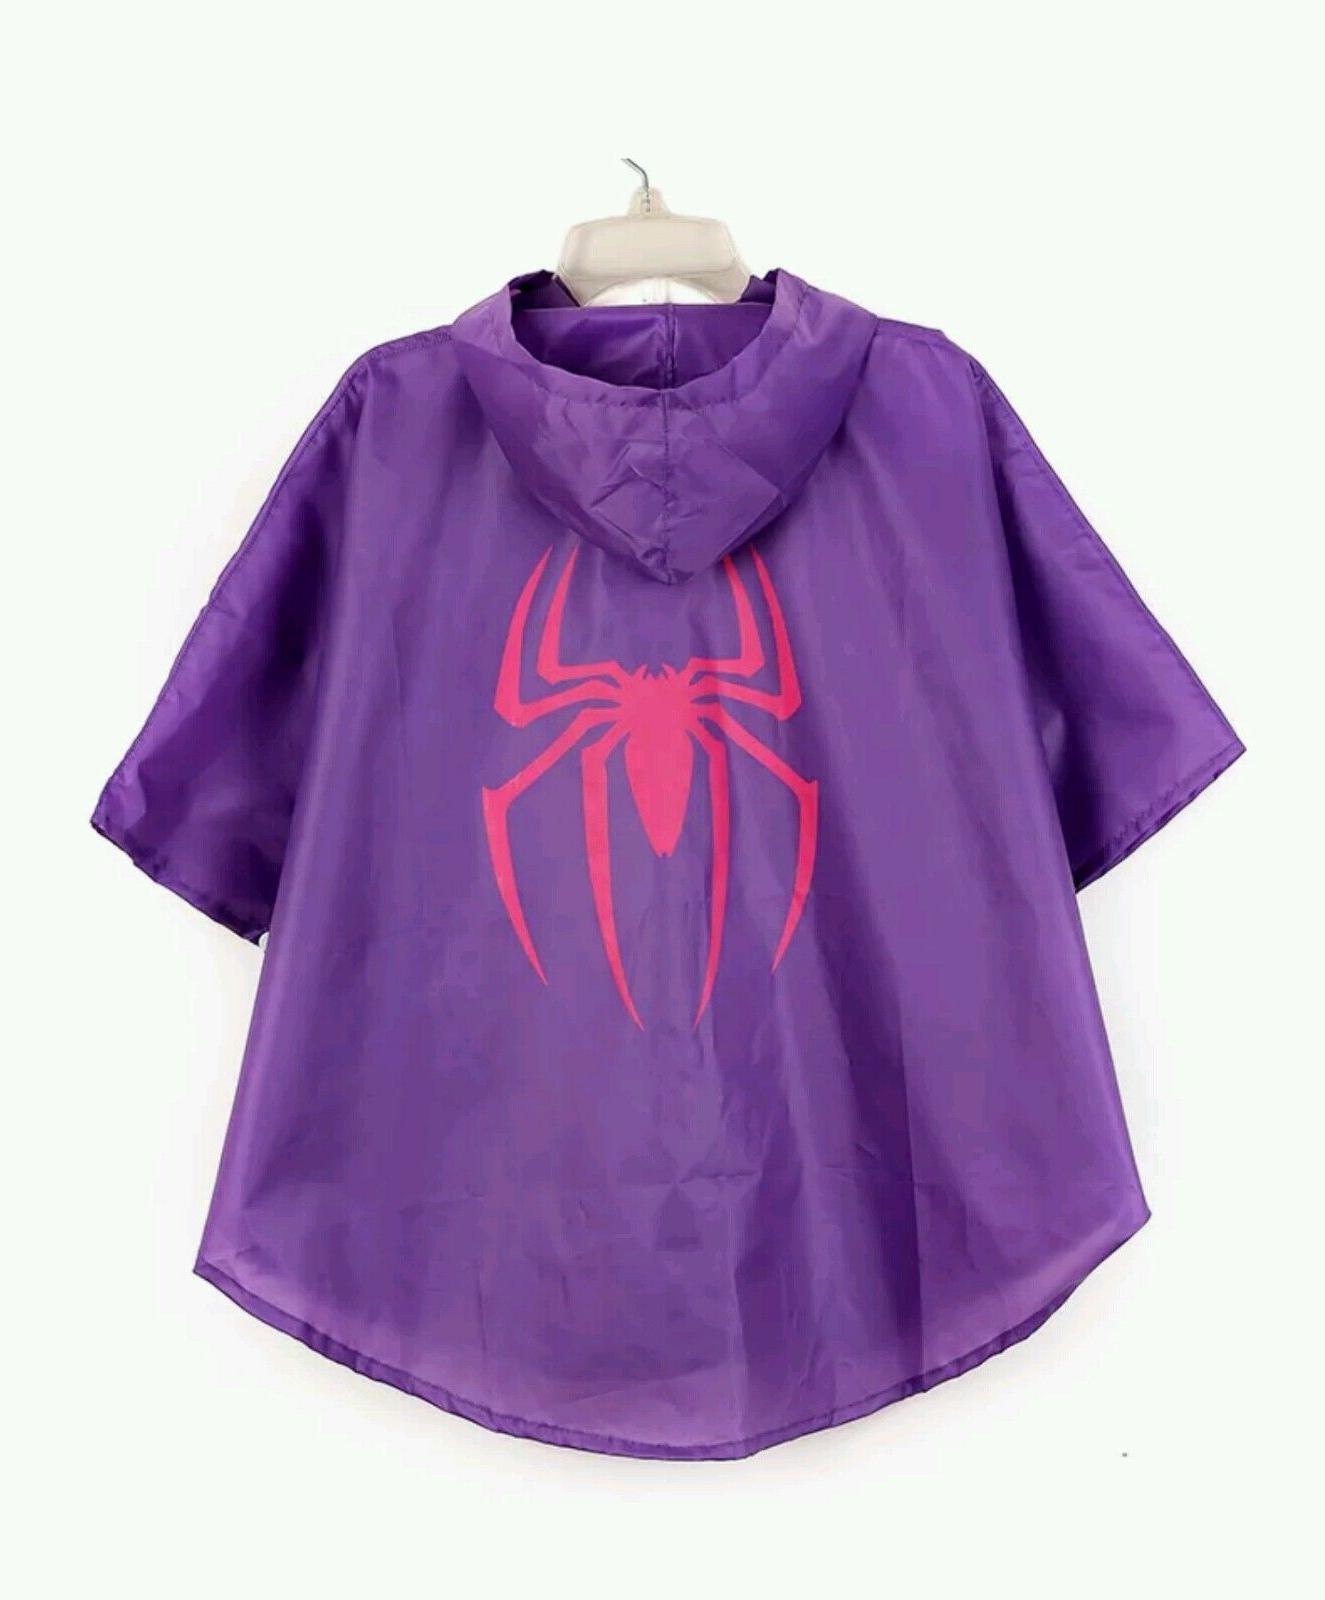 New Kids Rain children Rainwear,Kids Superhero